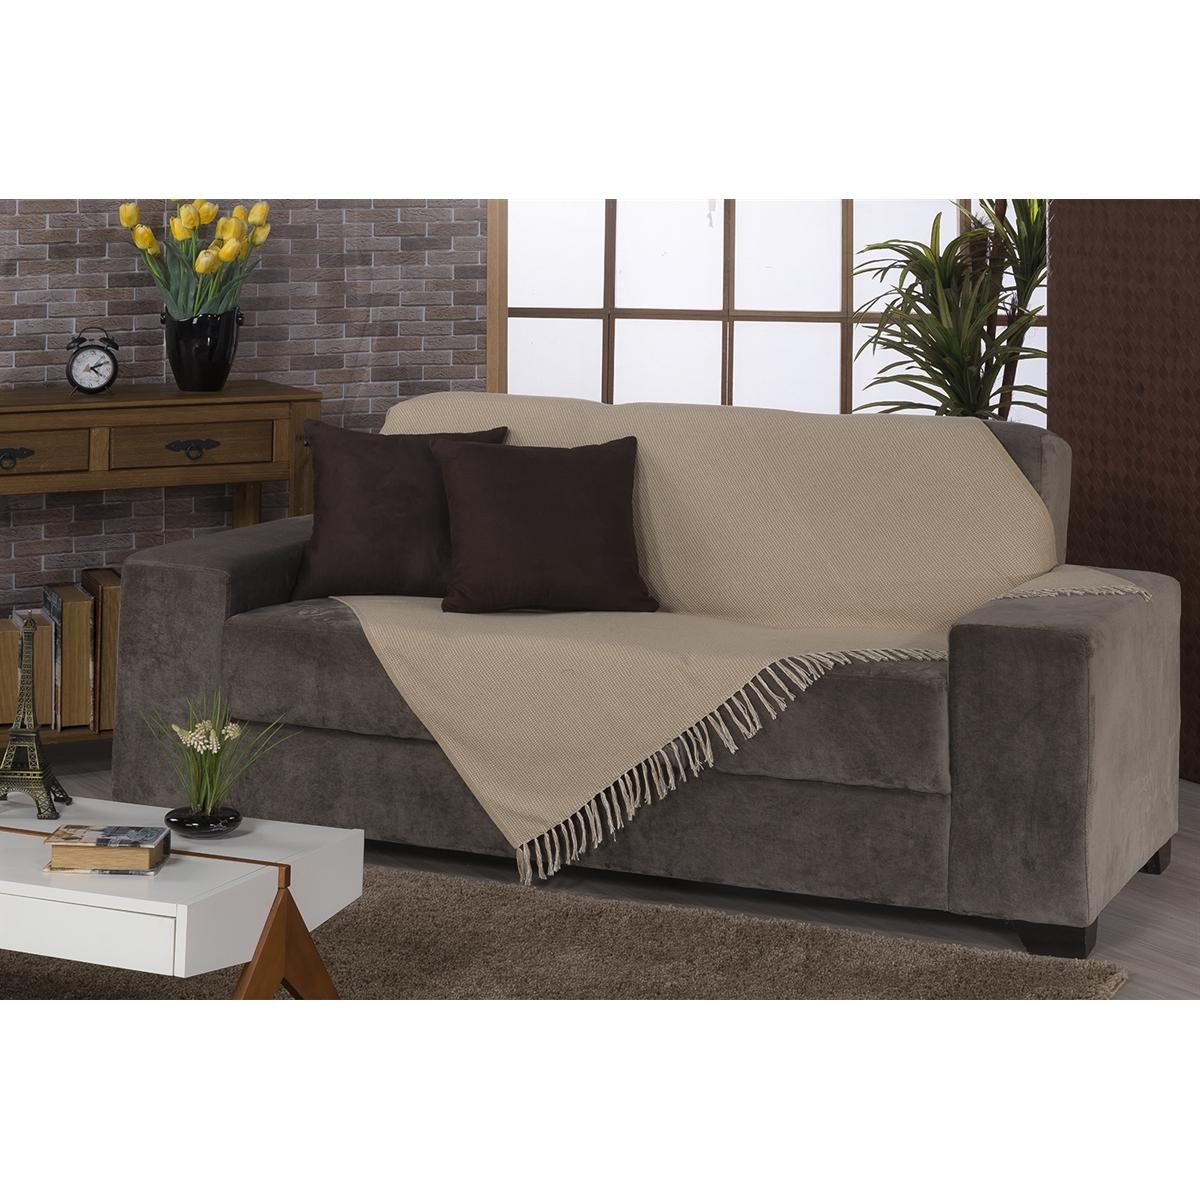 Manta sofa H9d9 Manta Para sofa Ravena 180x130cm Bege Fastlar